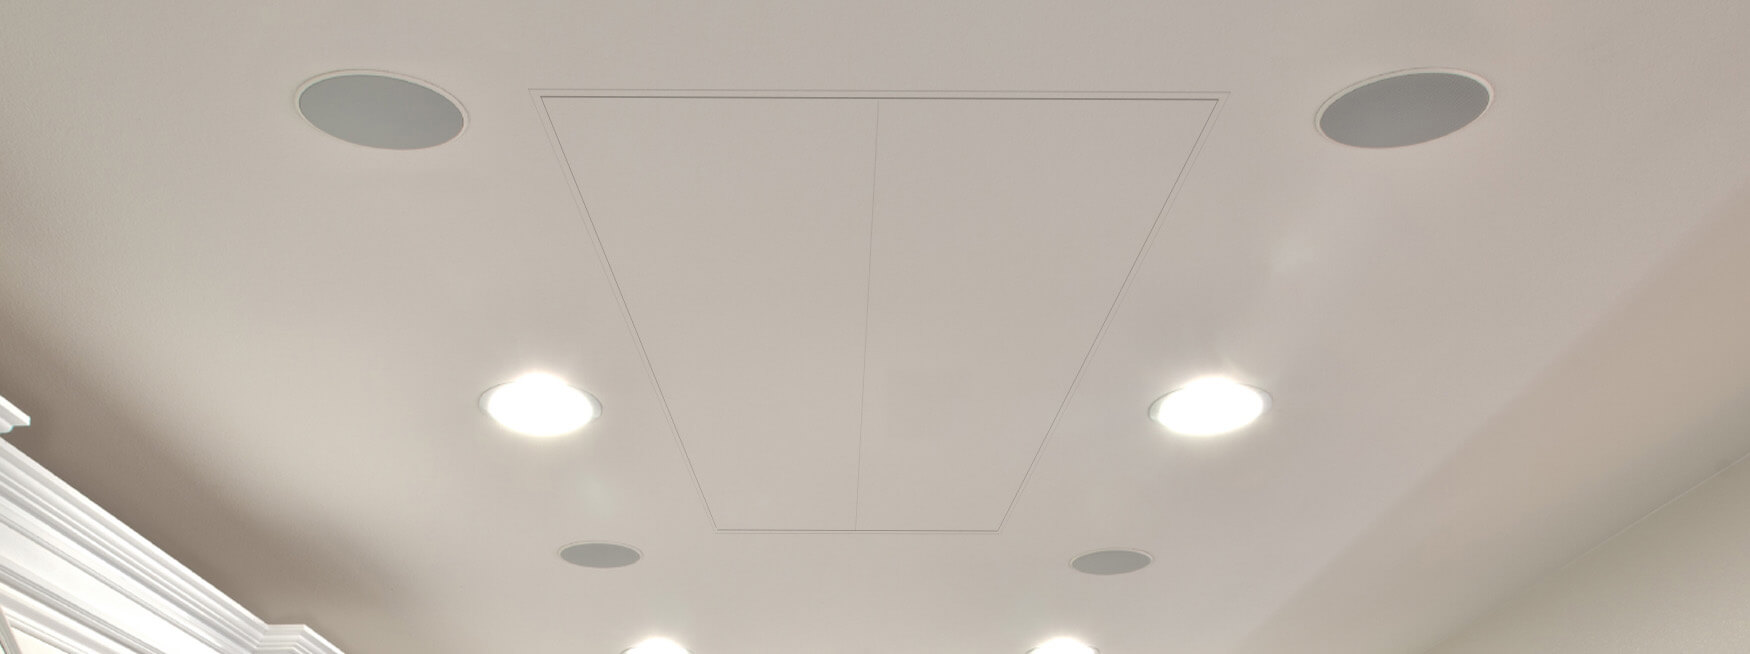 Premium Range Ceiling Double Situ Closed